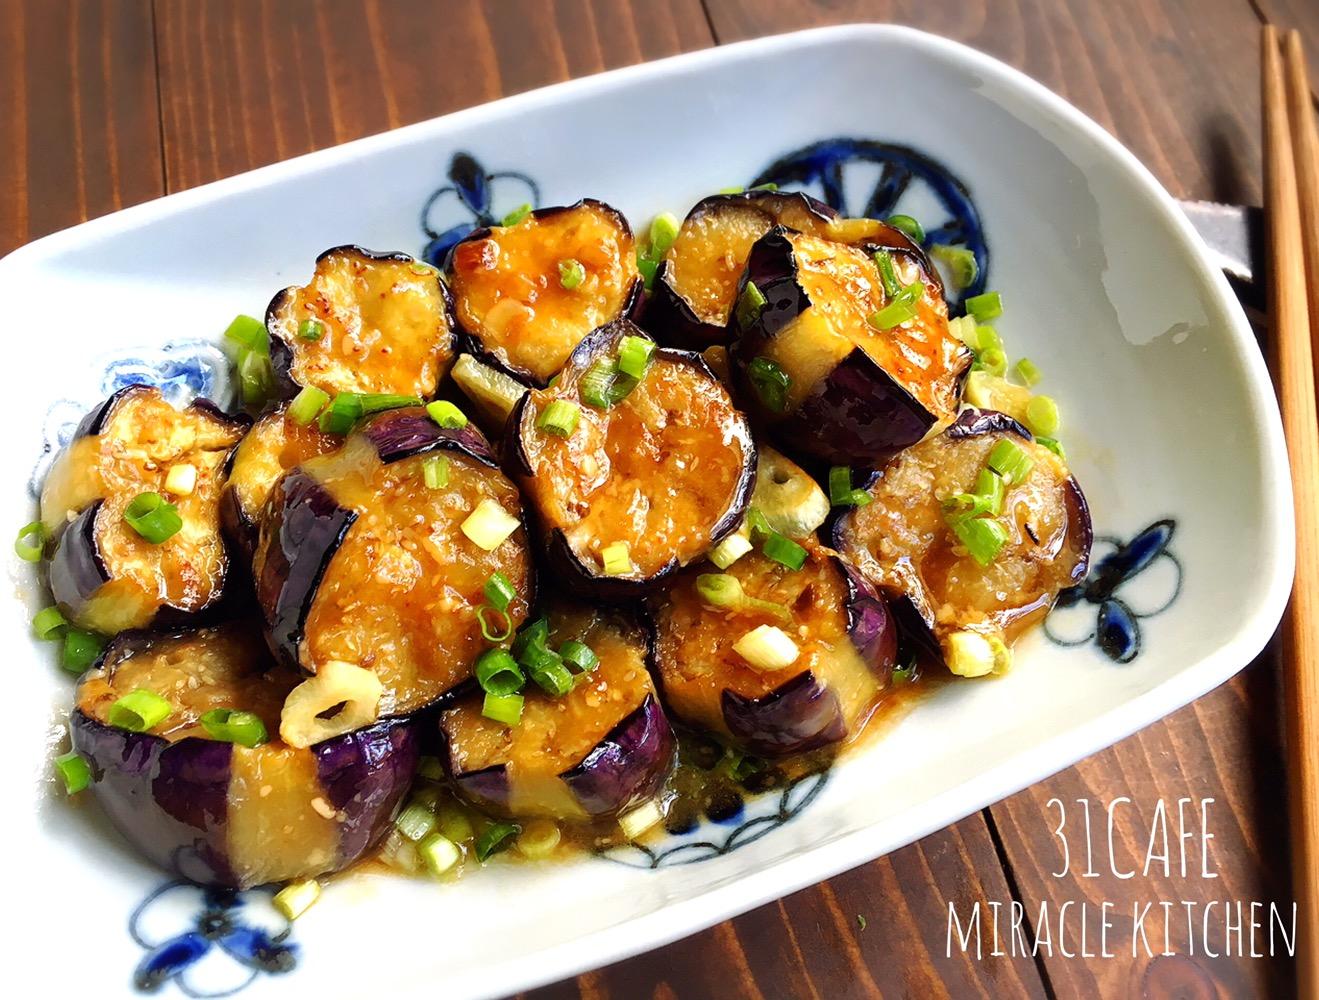 中華 料理 レシピ 平和楼特選中華レシピ|中国料理